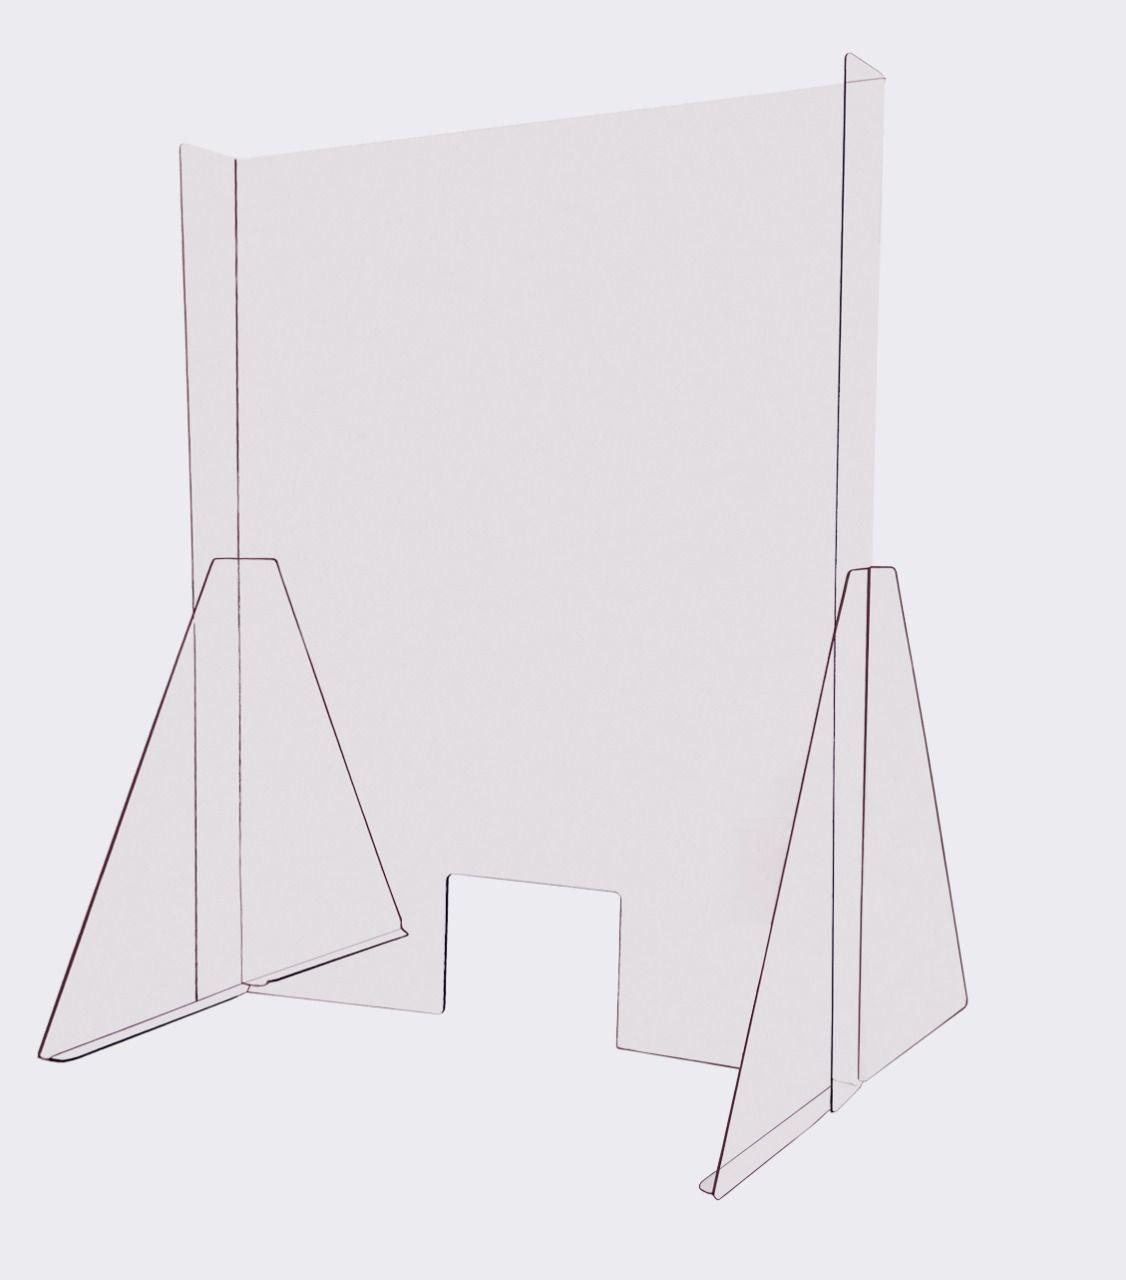 Barreira protetora COVID-19 | 60cm x 60cm